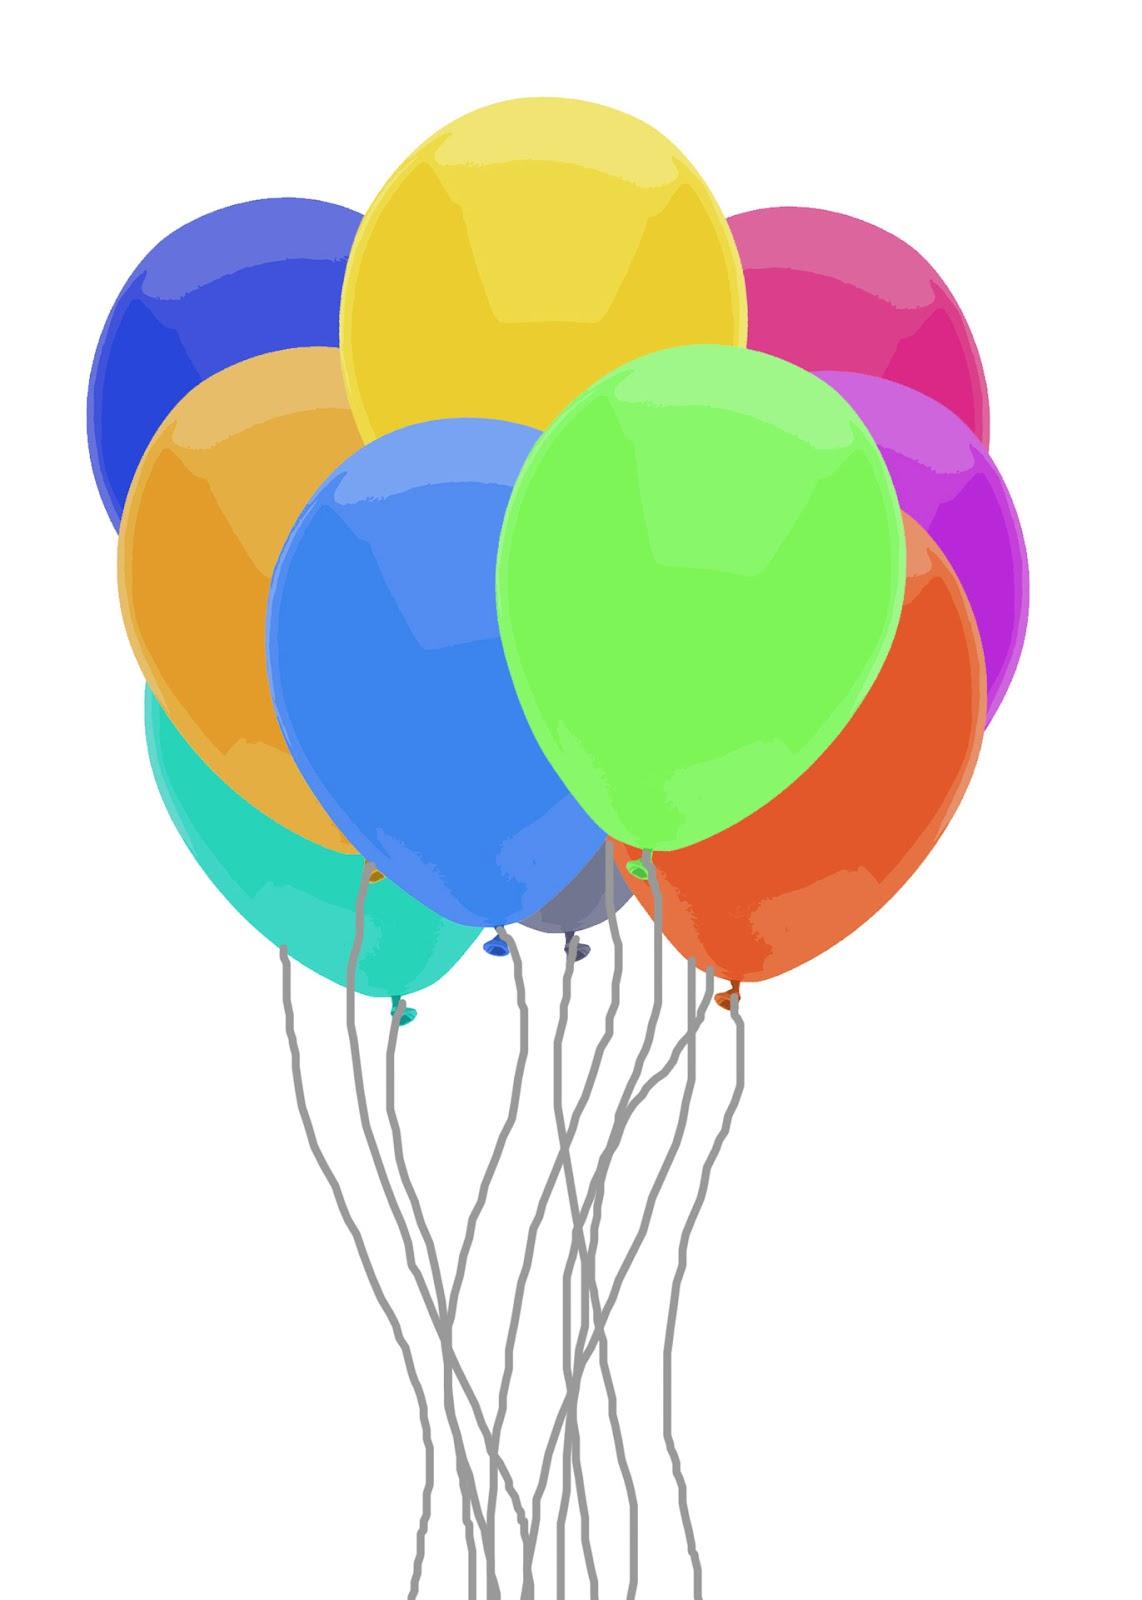 Regnbåge ballong gäng Gratis Stock Bild - Public Domain Pictures